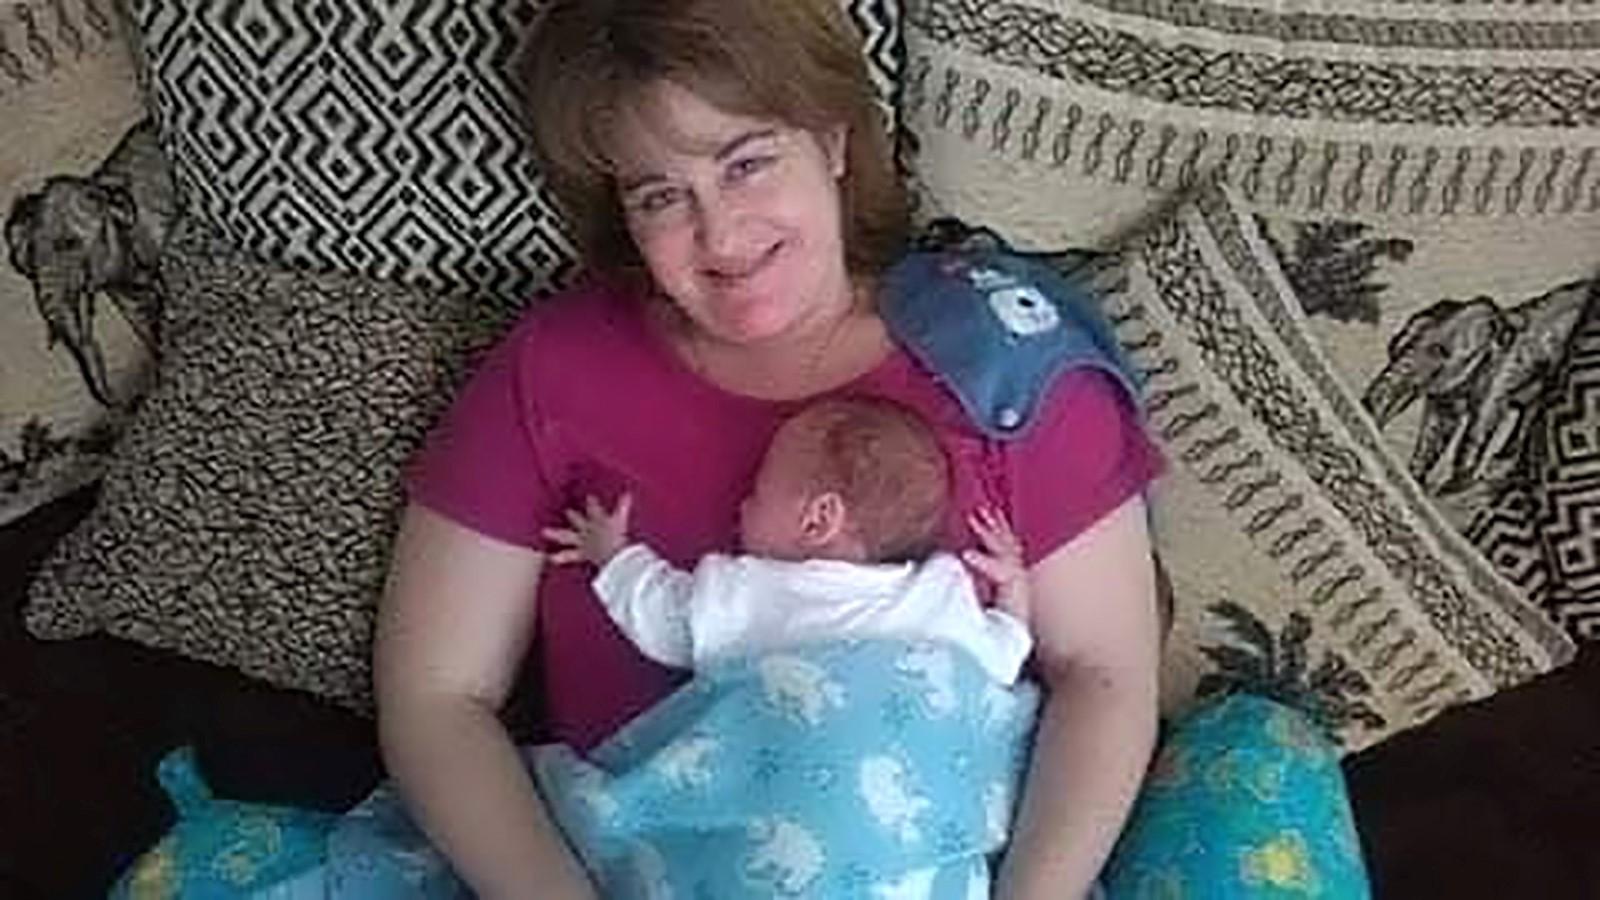 természetes szülés gyengénlátó fórummal teszt táblák olvasása